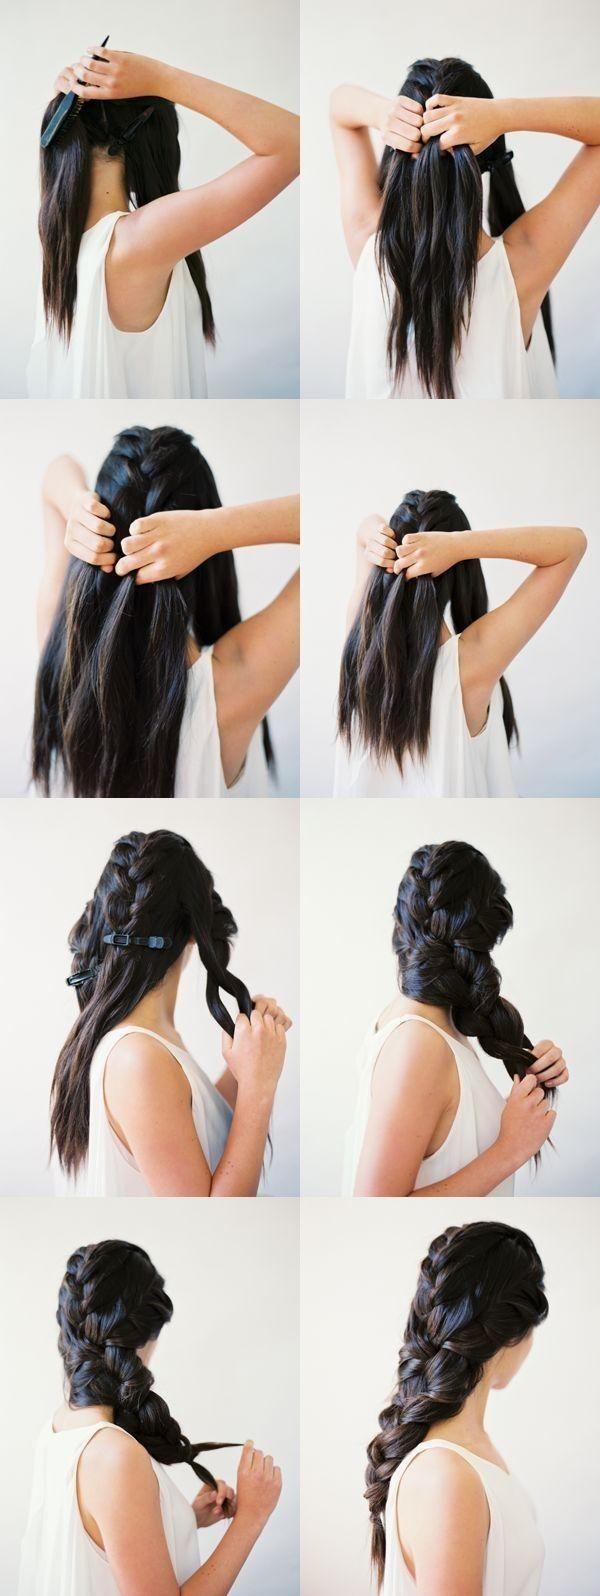 Mejores 21 imágenes de hairstyles en Pinterest   Ideas de peinado ...